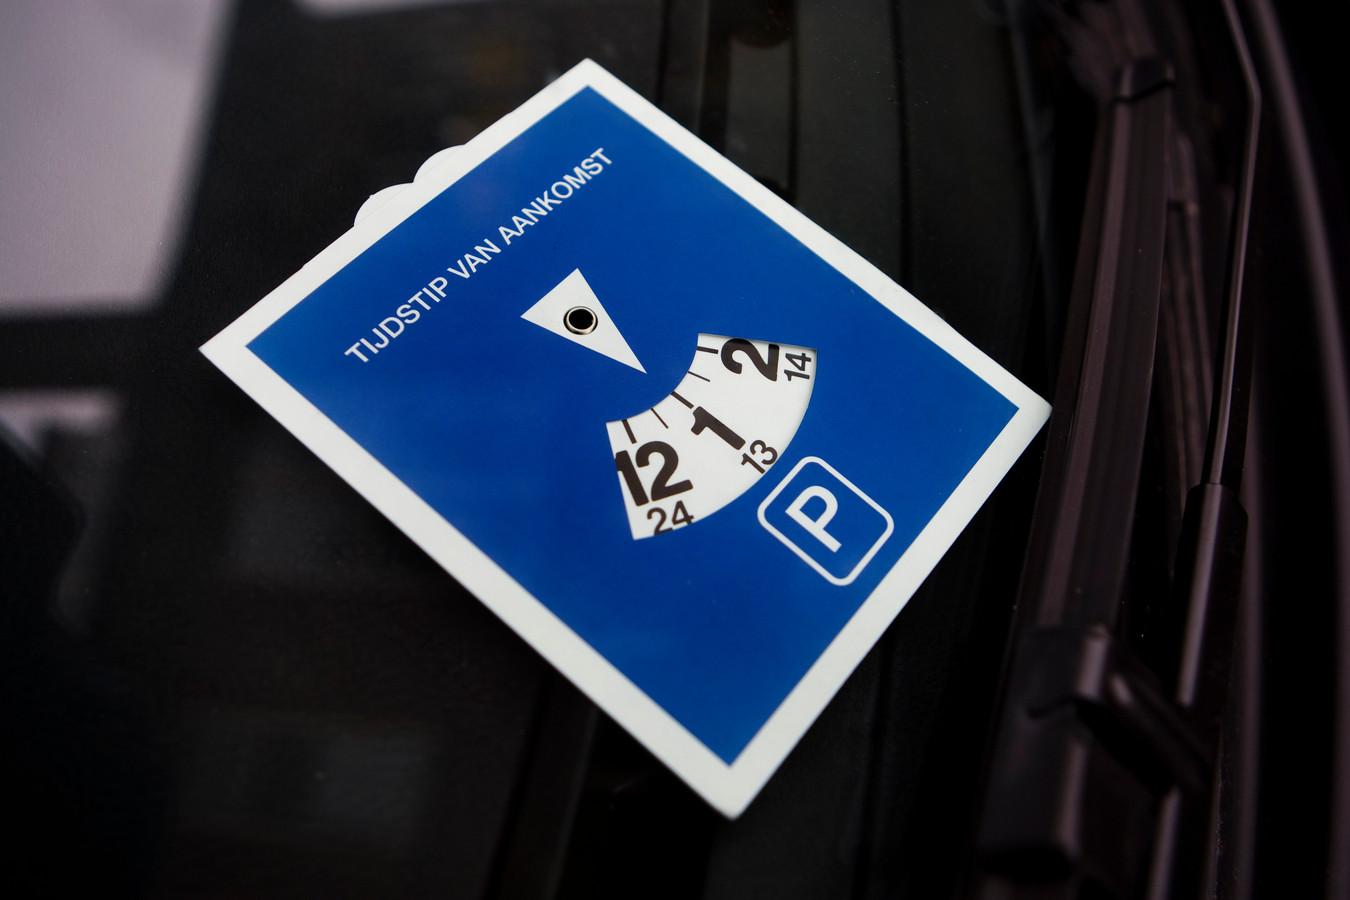 Het uitbreiden van de blauwe zone op het Euterpeplein is volgens de Burger Partij Amersfoort (BPA) een langgekoesterde wens van omwonenden en winkeliers